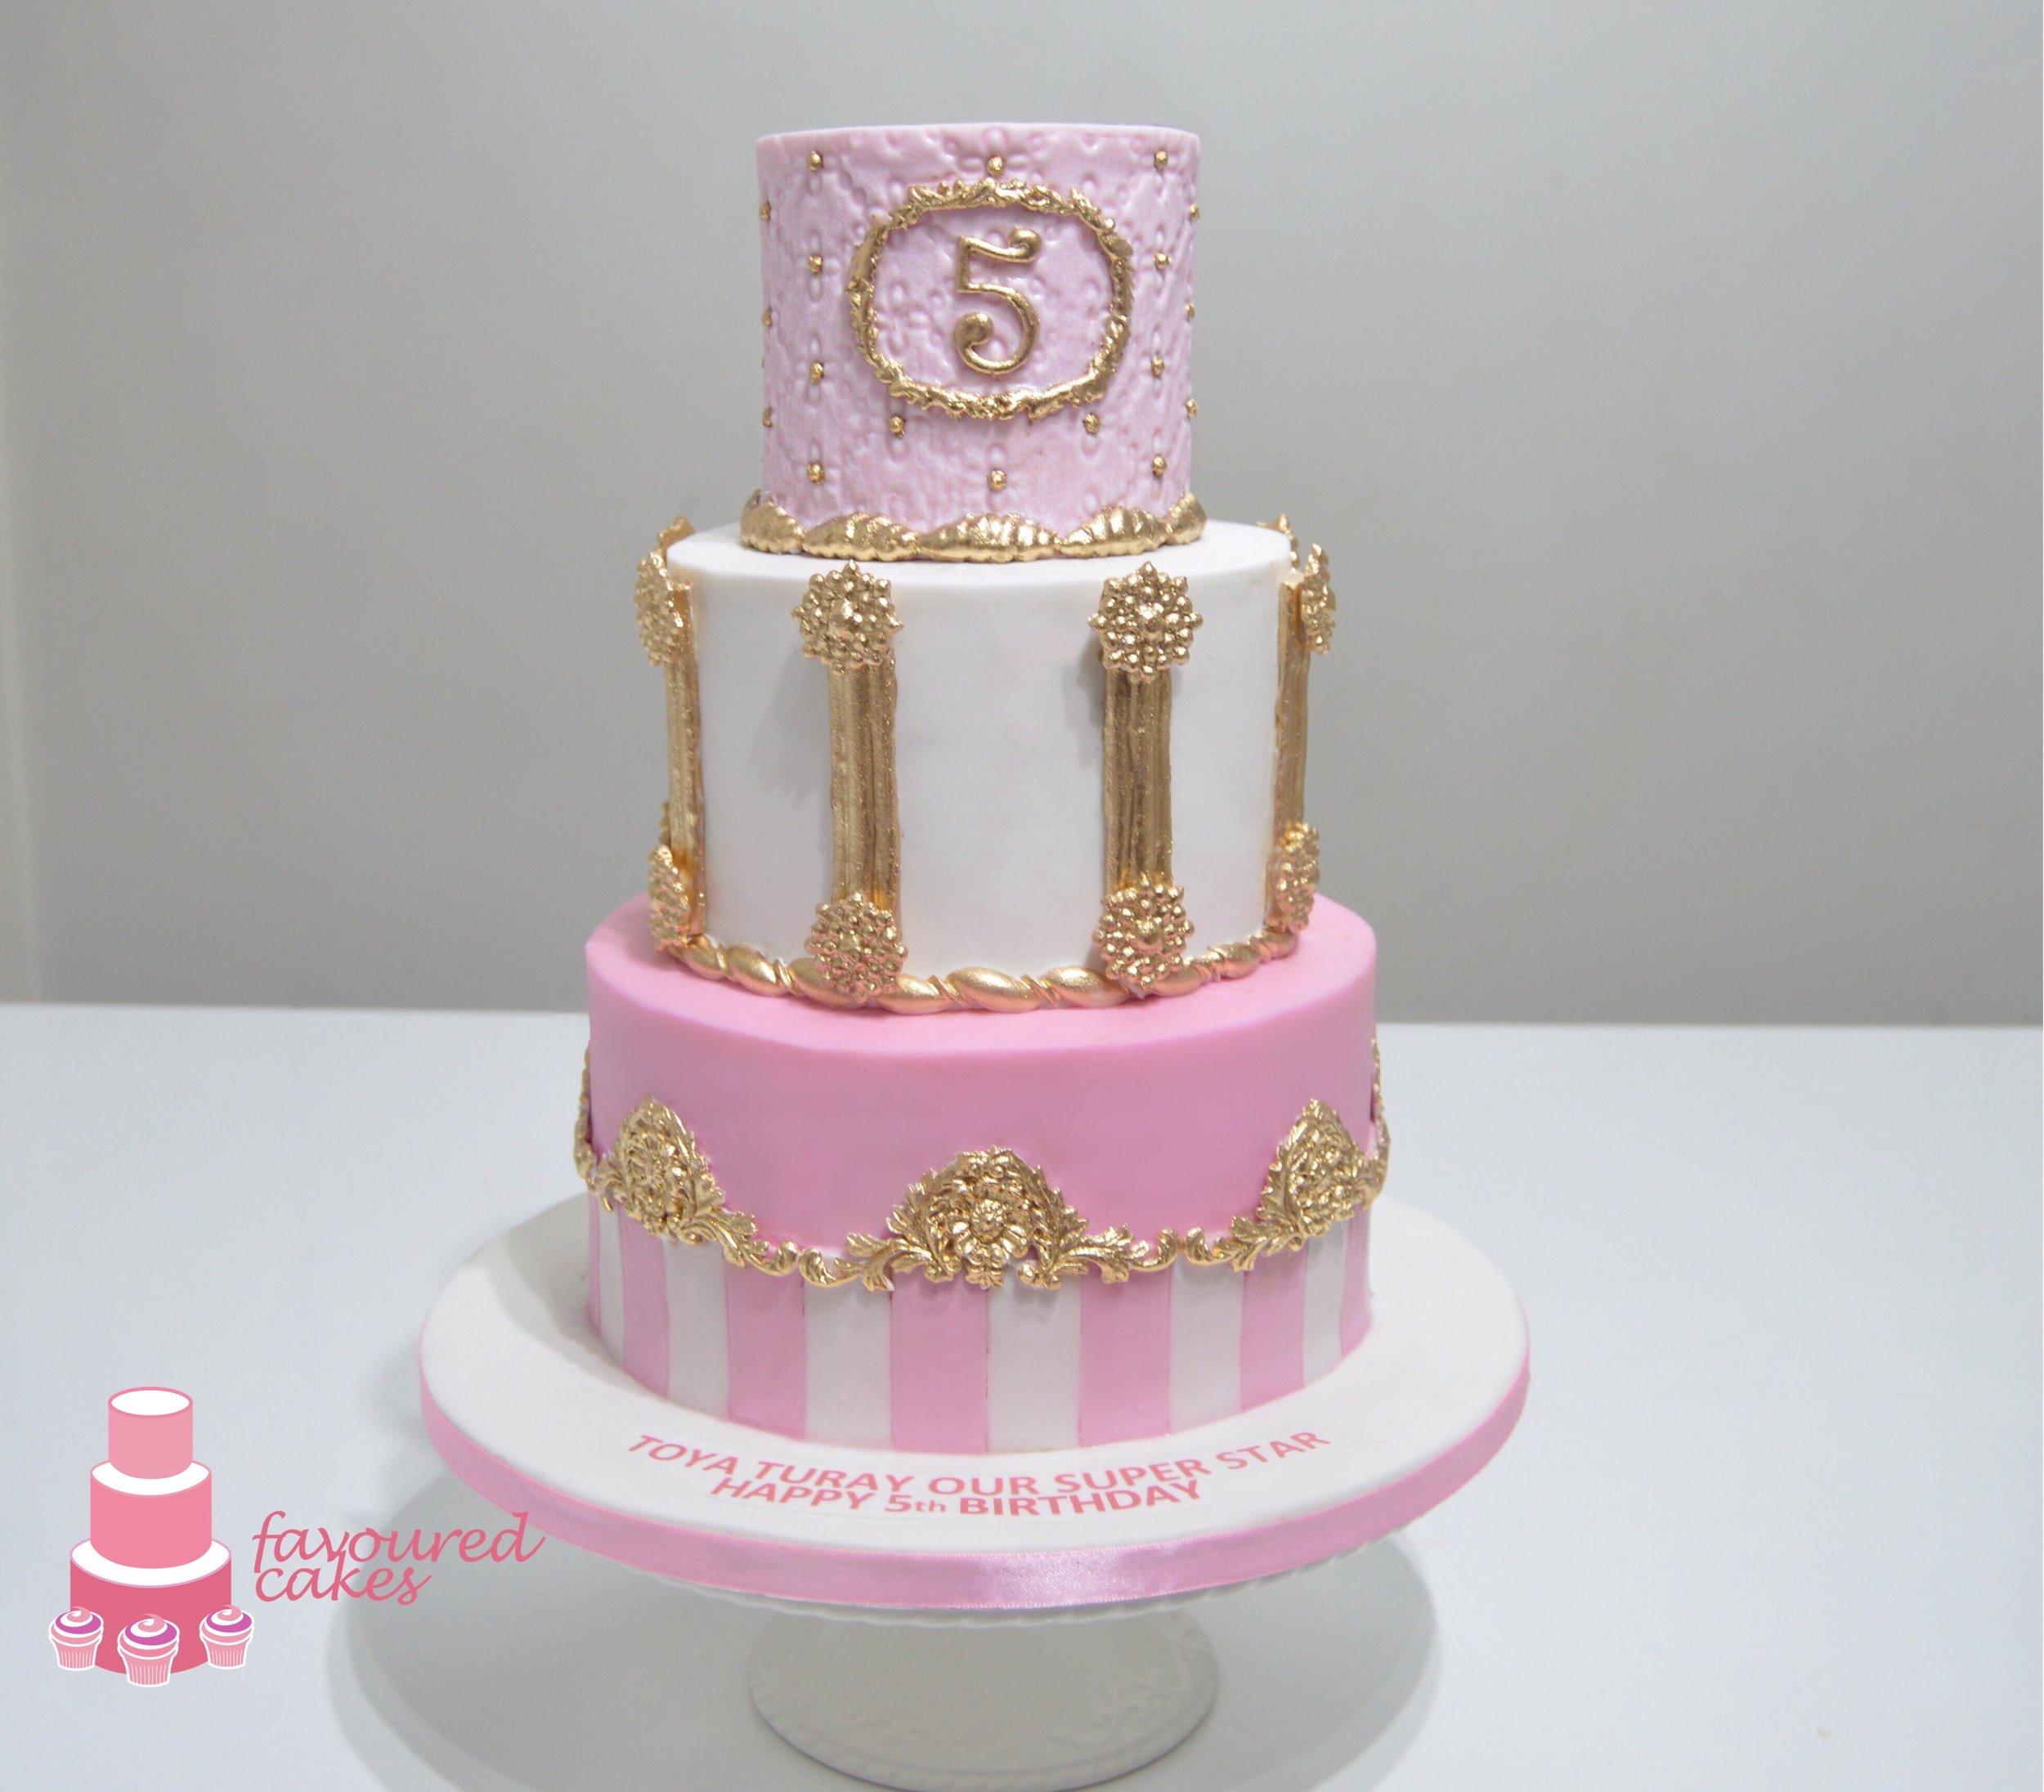 Pink & White Stripe Cake